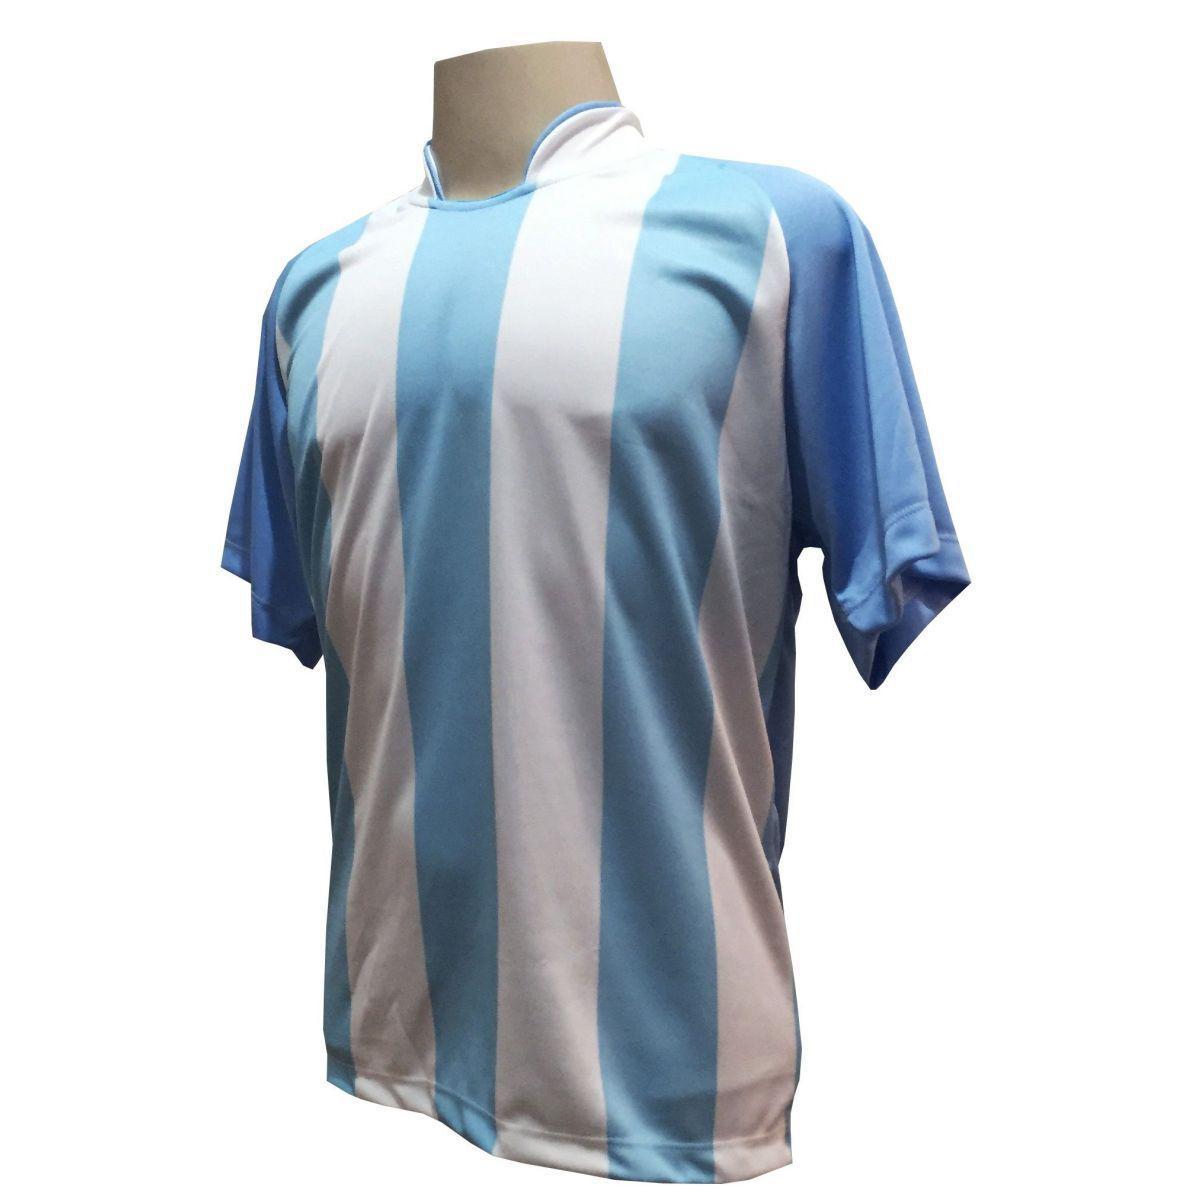 Uniforme Esportivo com 12 Camisas modelo Milan Celeste Branco + 12 Calções  modelo Copa Preto Branco - Play fair - Futebol - Magazine Luiza 3ef8c5984b2a2